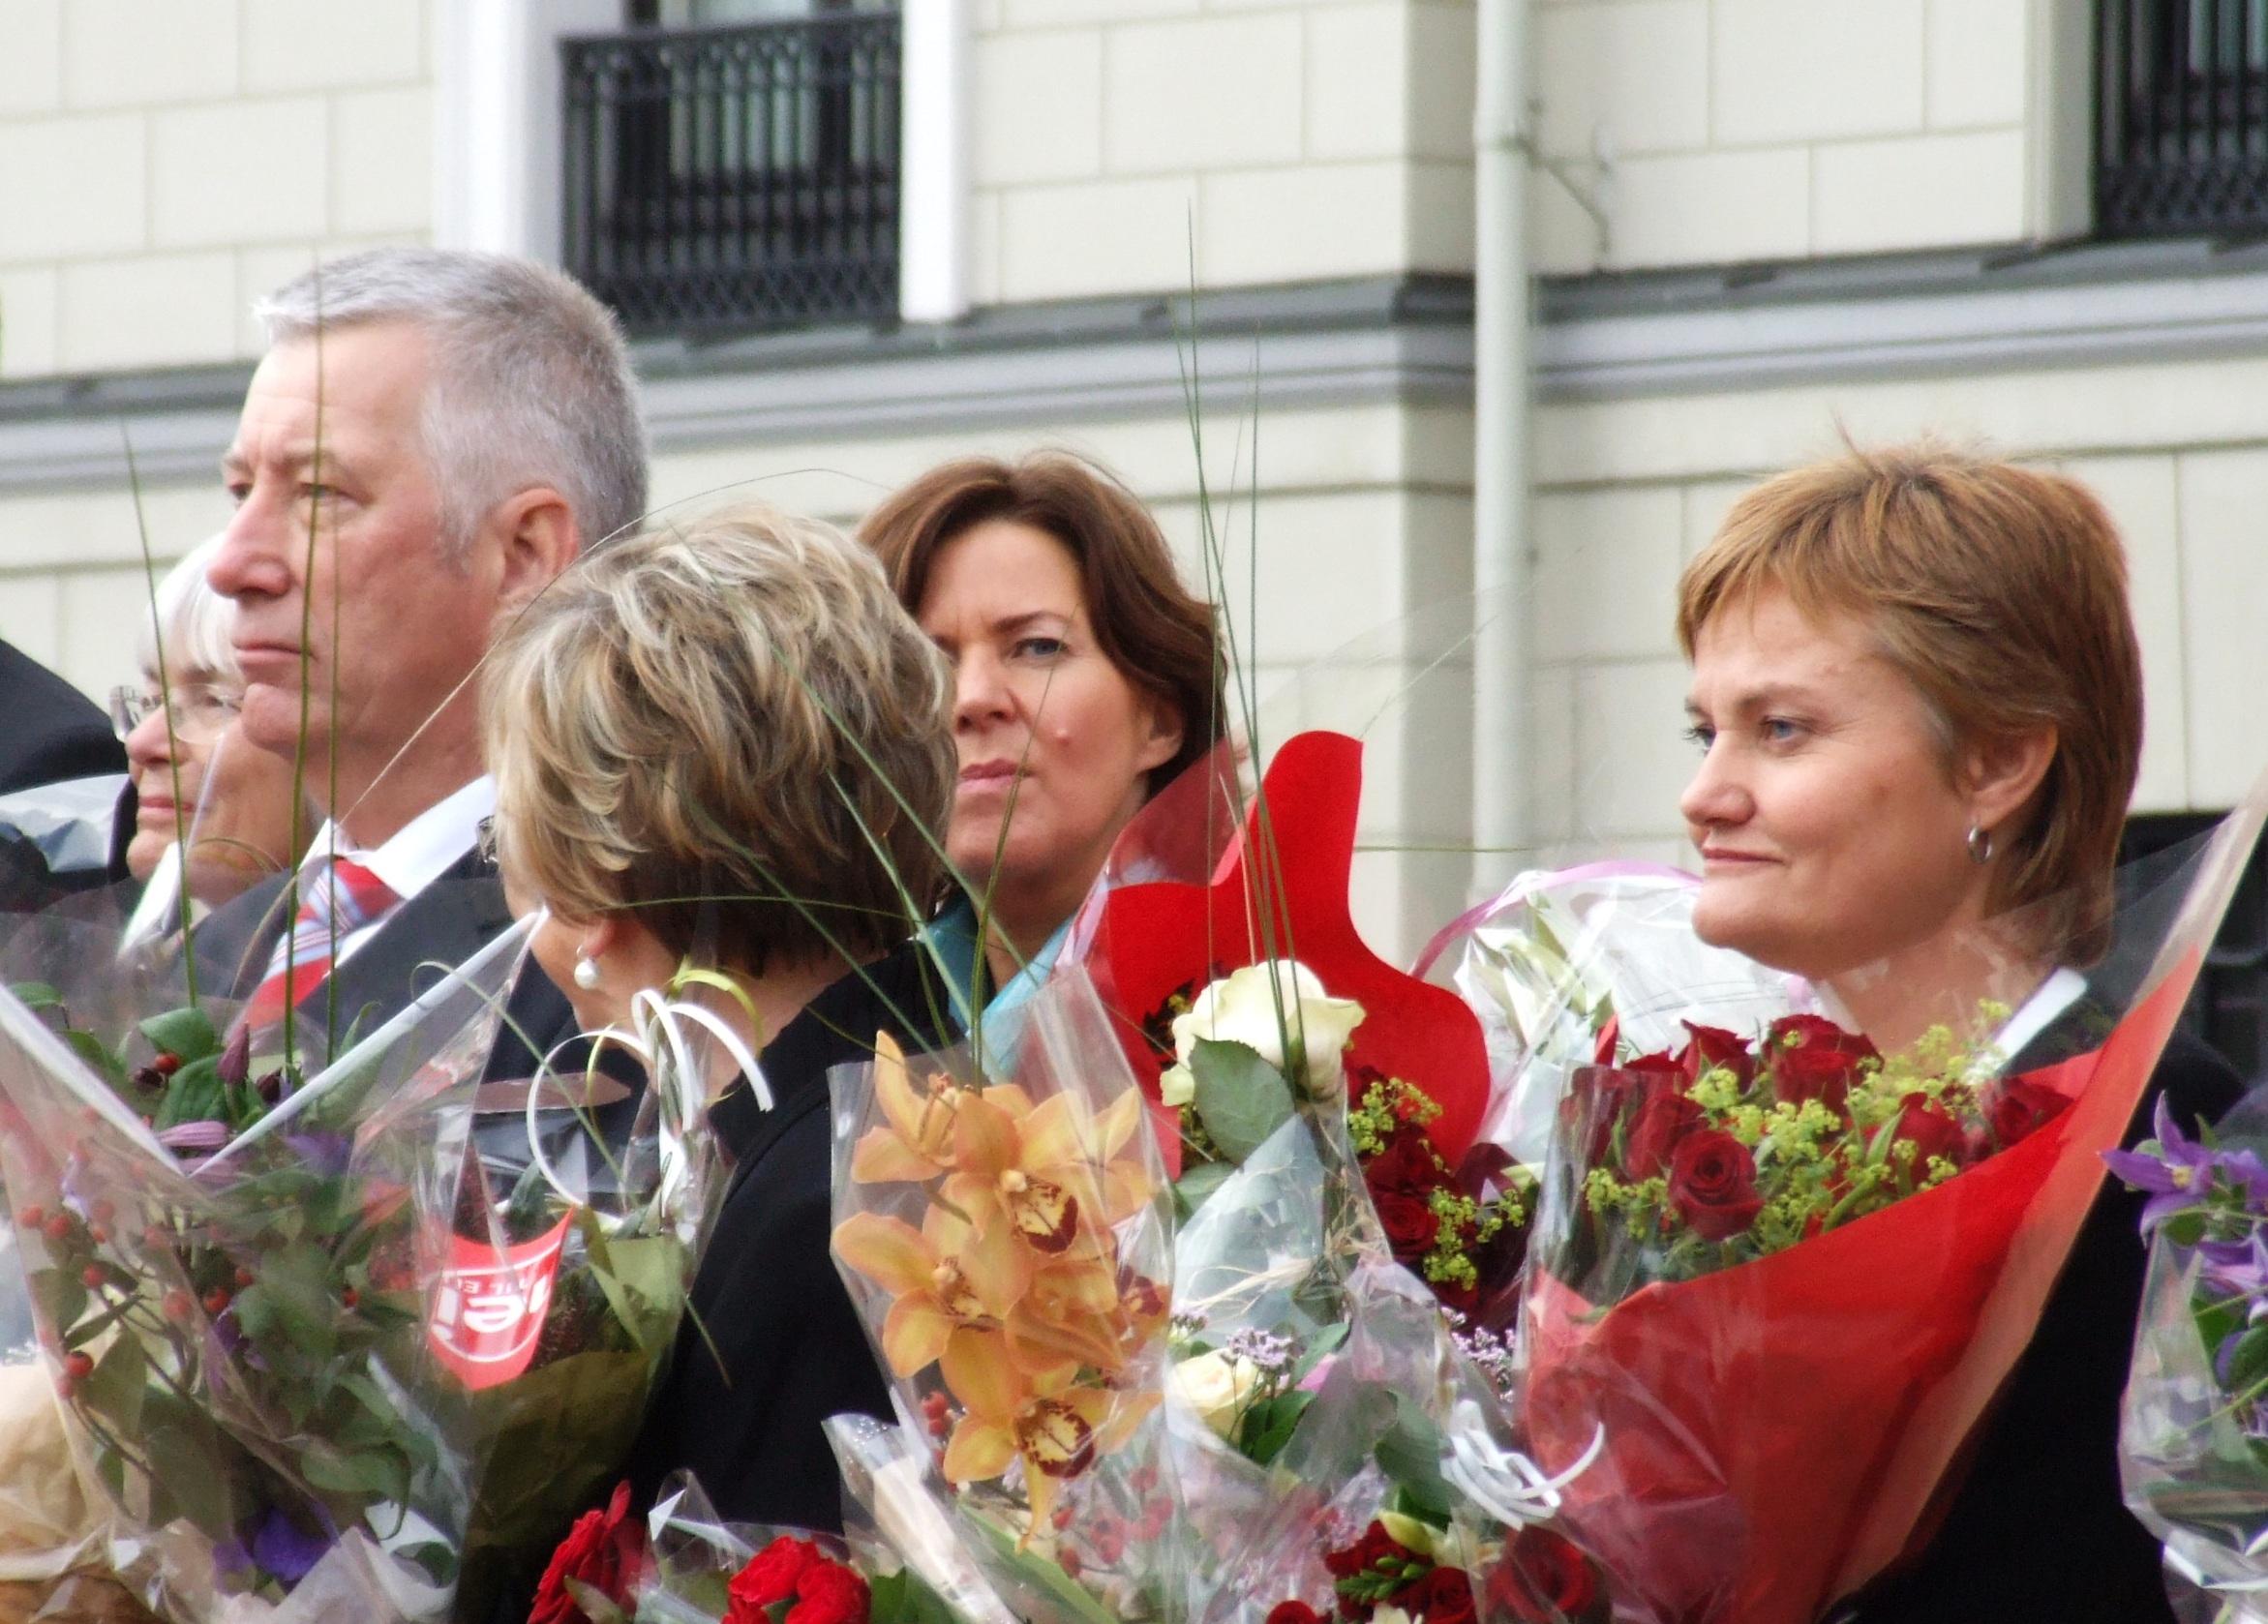 Nytt manskap i norska regeringen ska tackla krisen